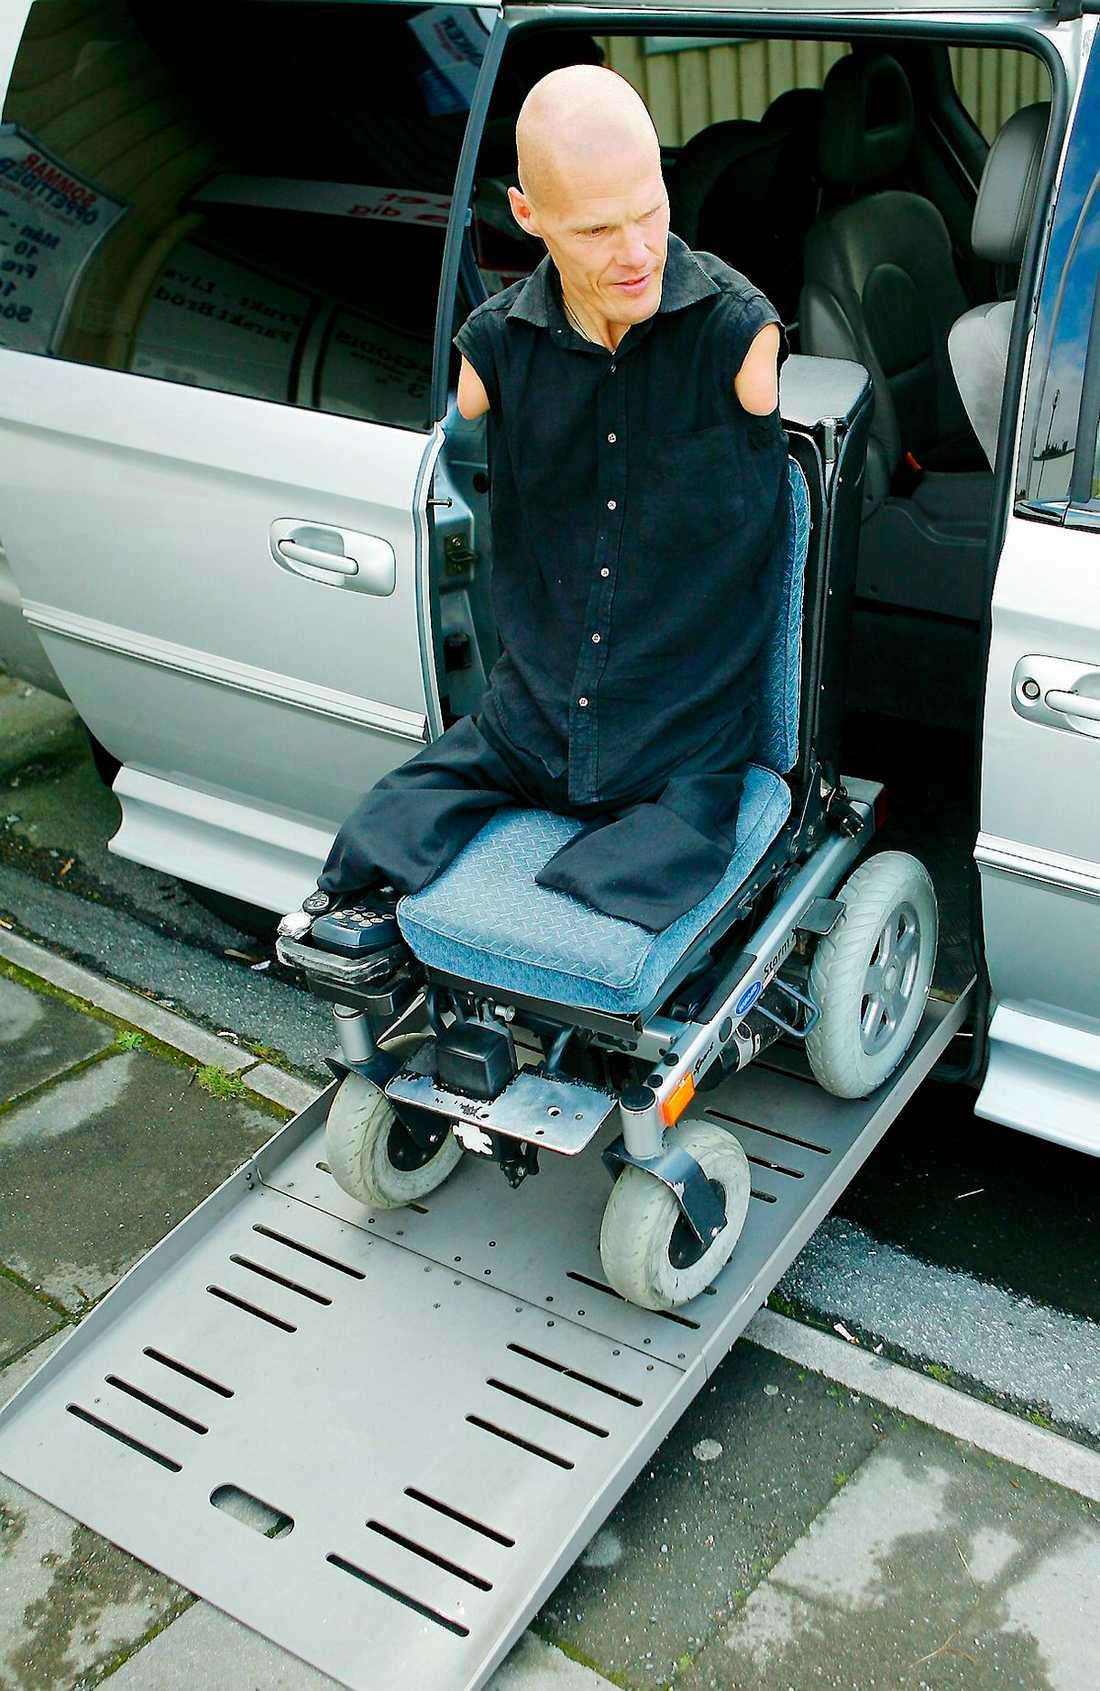 Backar upp. Mikael tar sig in i sin specialbyggda Chrysler via en ramp.